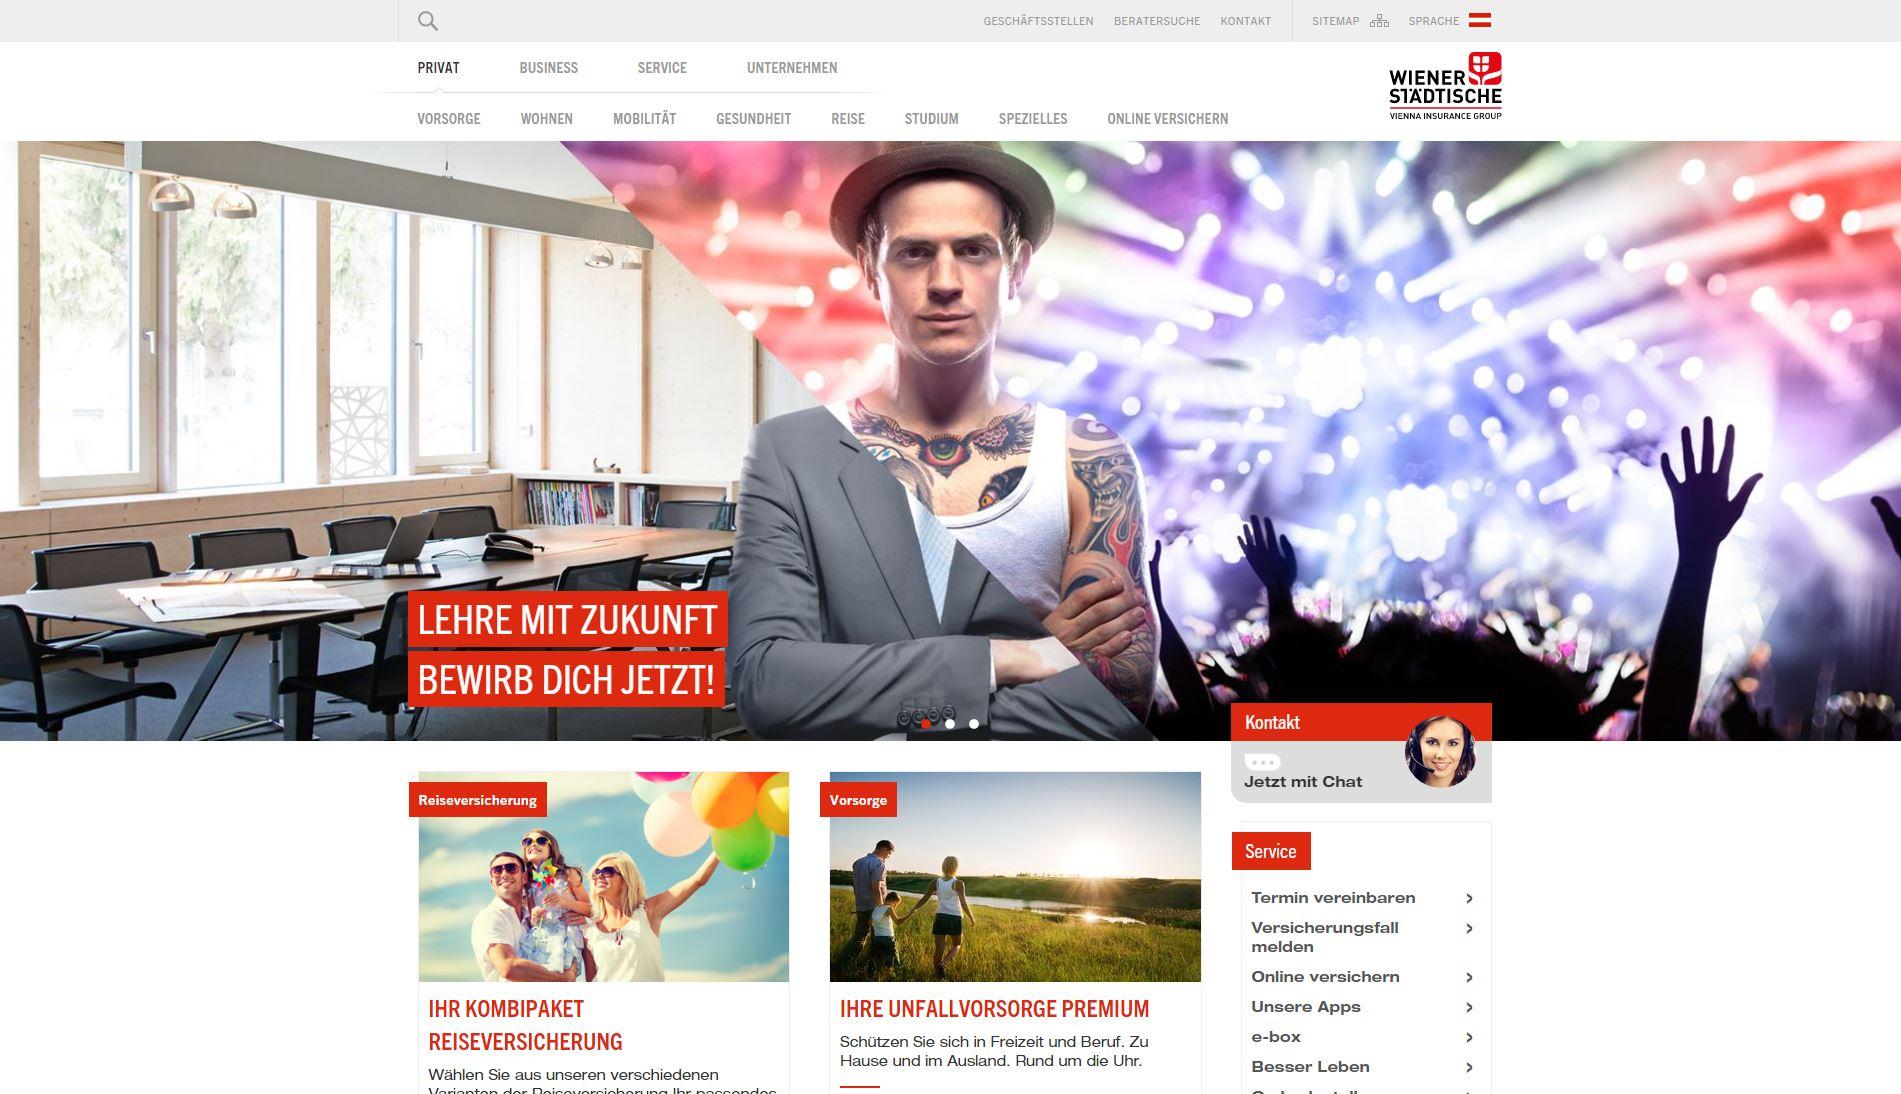 Screenshot der Website der Wiener Städtischen Versicherung